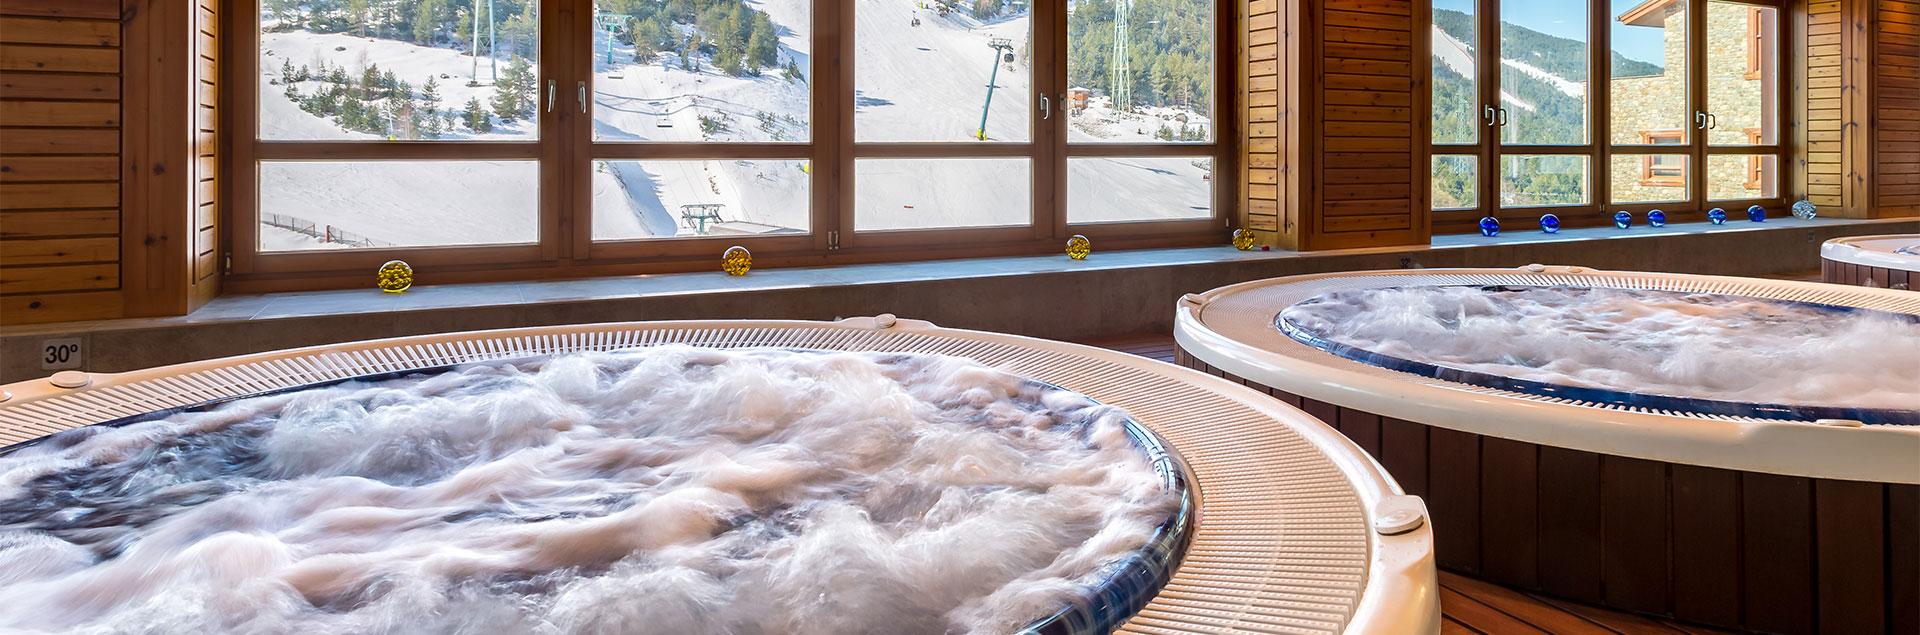 spa included sport hotel village andorra. Black Bedroom Furniture Sets. Home Design Ideas